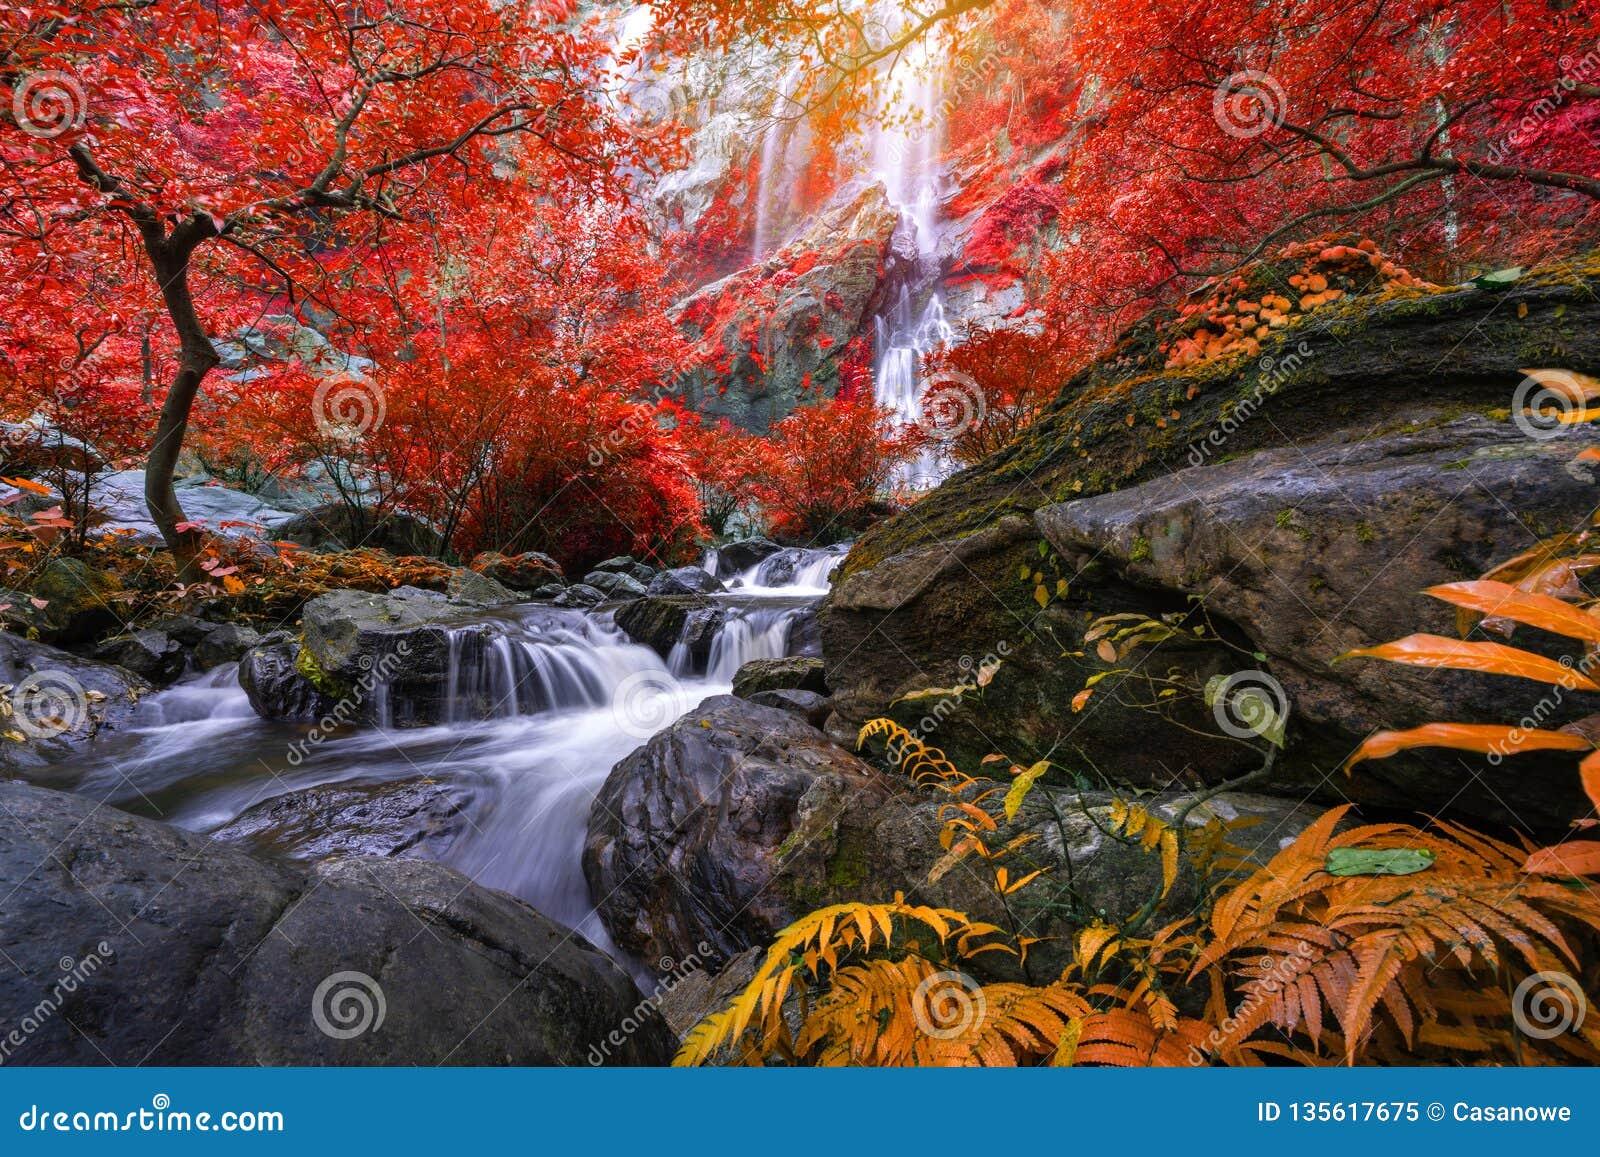 Khlonglan de waterval is mooie Watervallen in de regenwoudwildernis Thailand